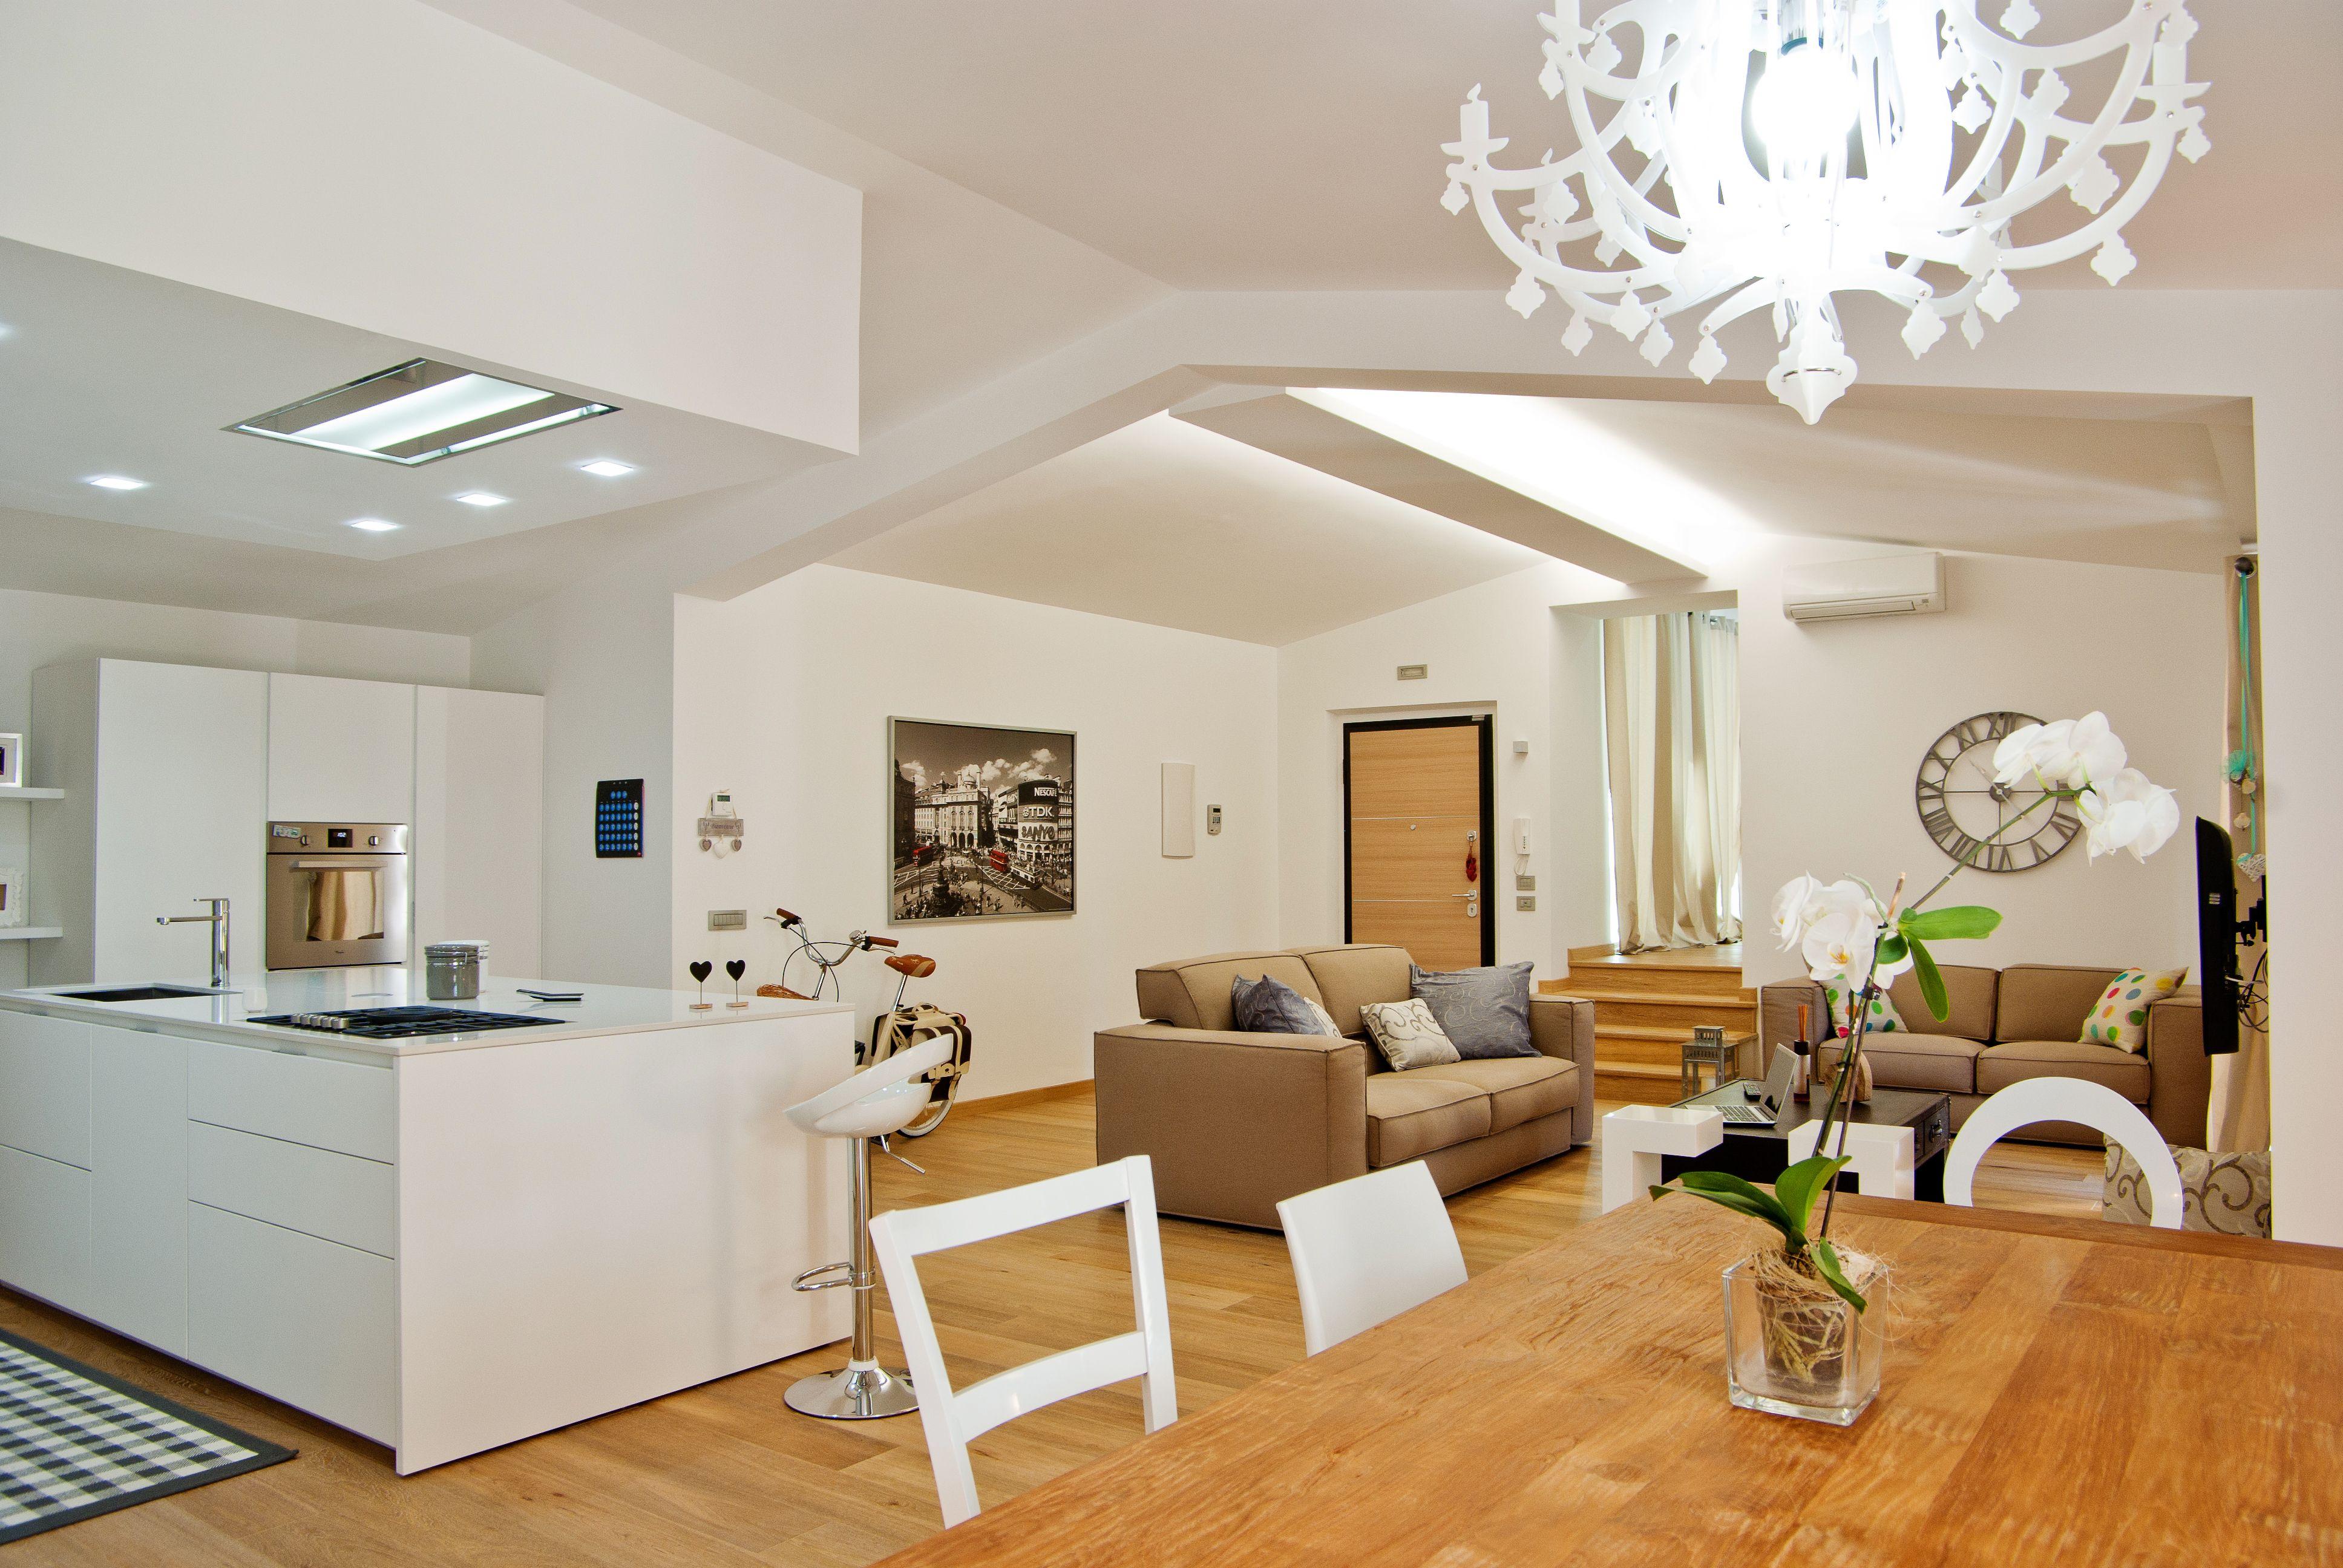 open space per la zona giorno #arredamento #interiordesign ... - Arredamento Interior Design